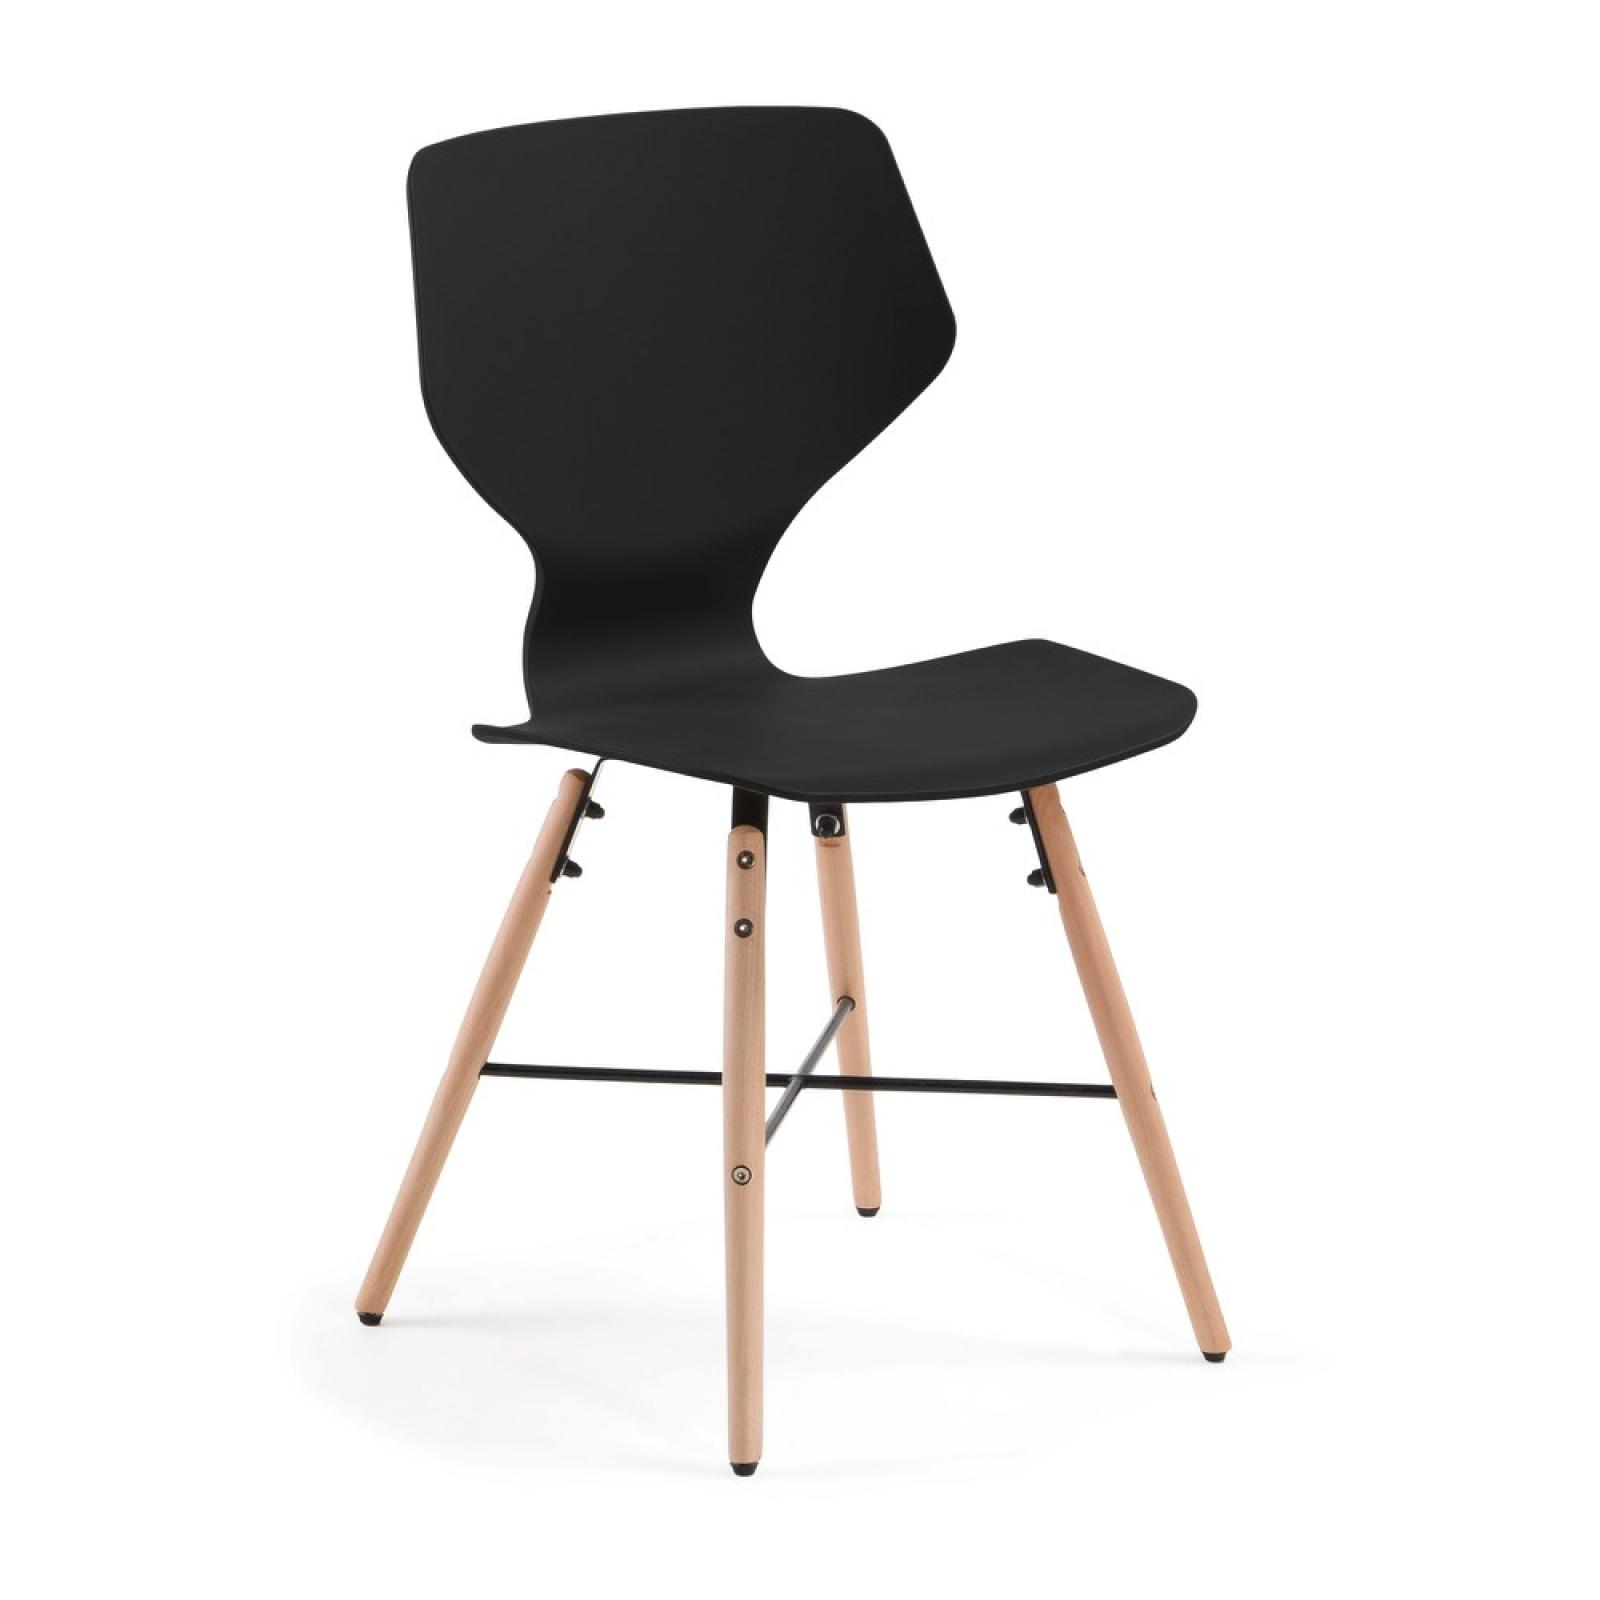 chaise plastique noir interesting rsultat suprieur chaise salon design pas cher meilleur de. Black Bedroom Furniture Sets. Home Design Ideas